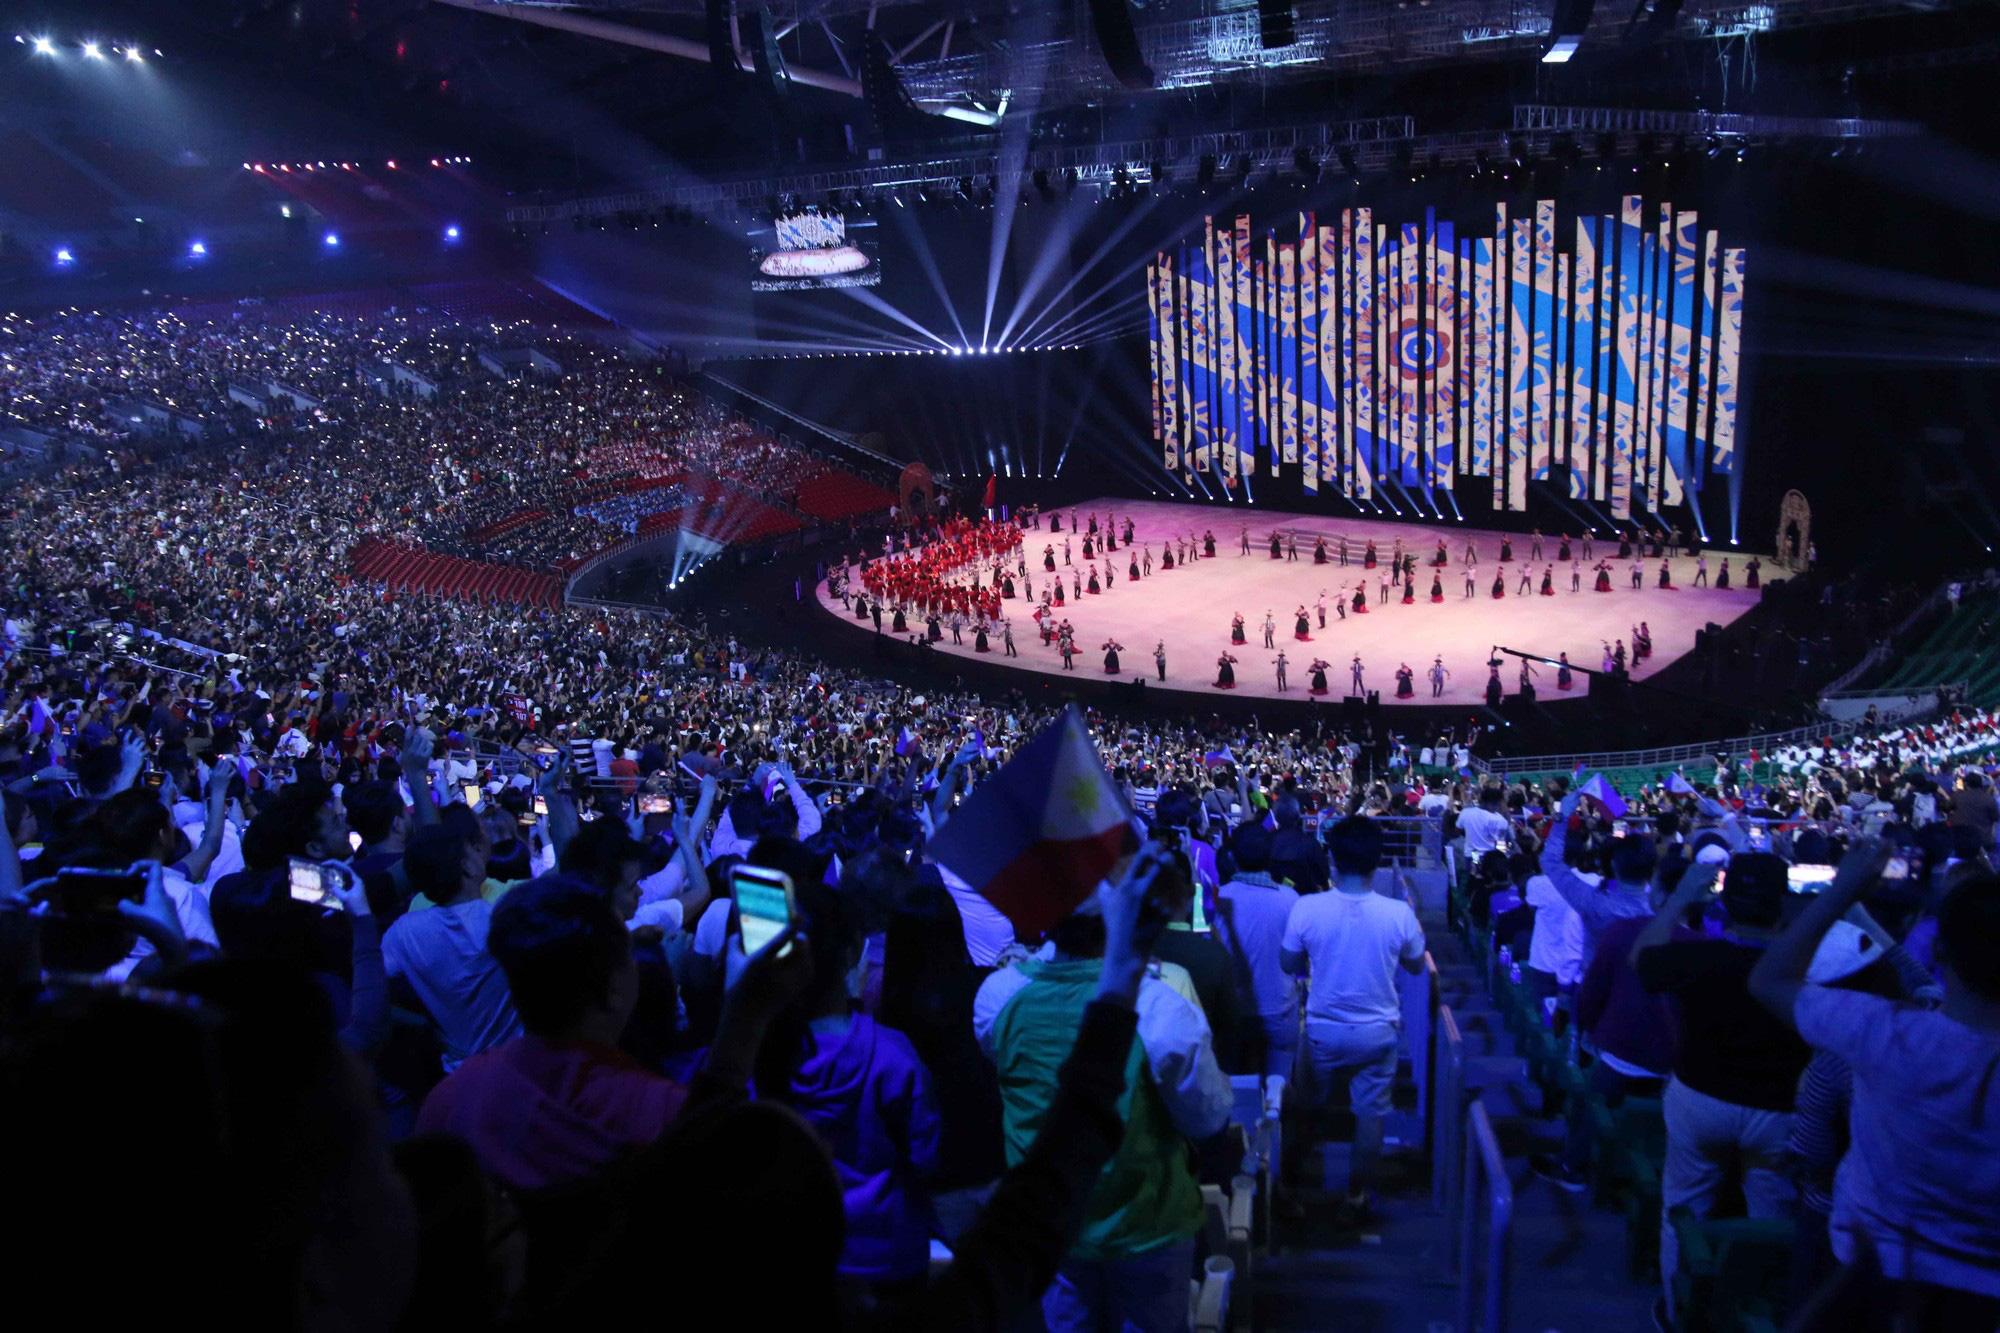 Khai màn SEA Games 30: Đoàn Thể thao Việt Nam hướng tới mục tiêu cao nhất - Ảnh 1.